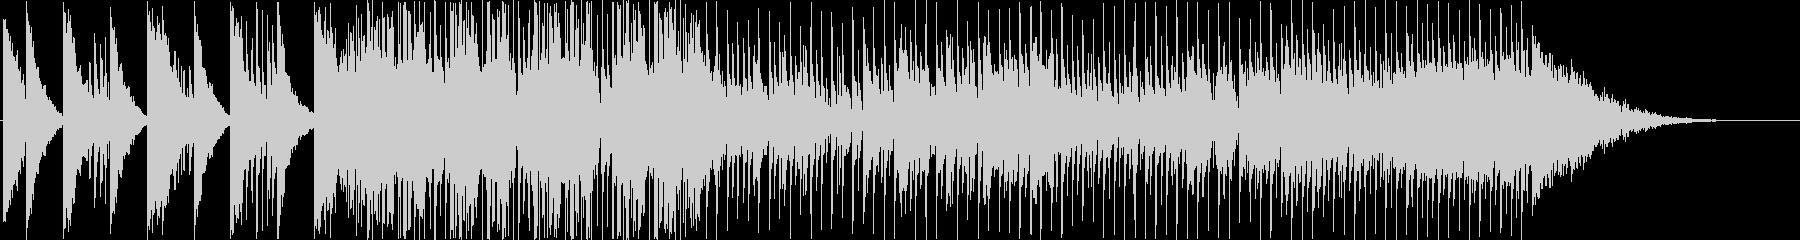 ブラスと和楽器の和風ファンクロックの未再生の波形